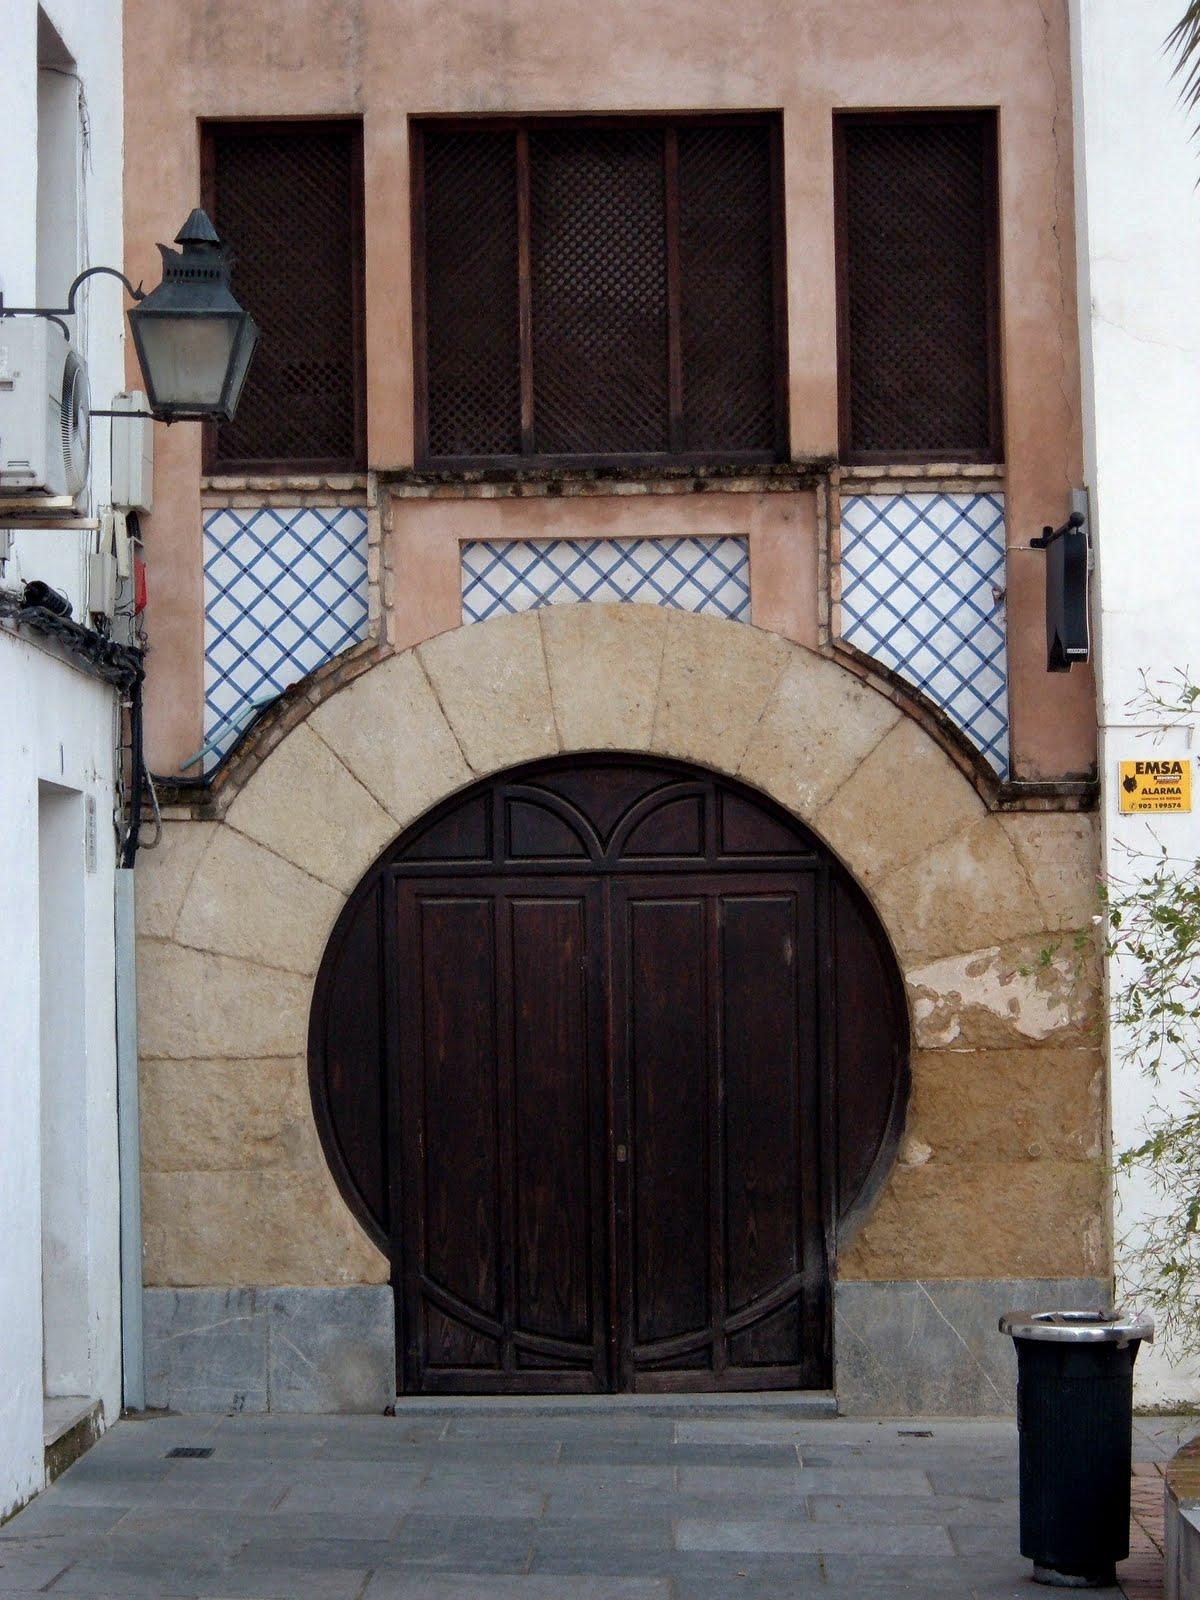 S o s mediterraneo - Puertas uniarte sevilla ...